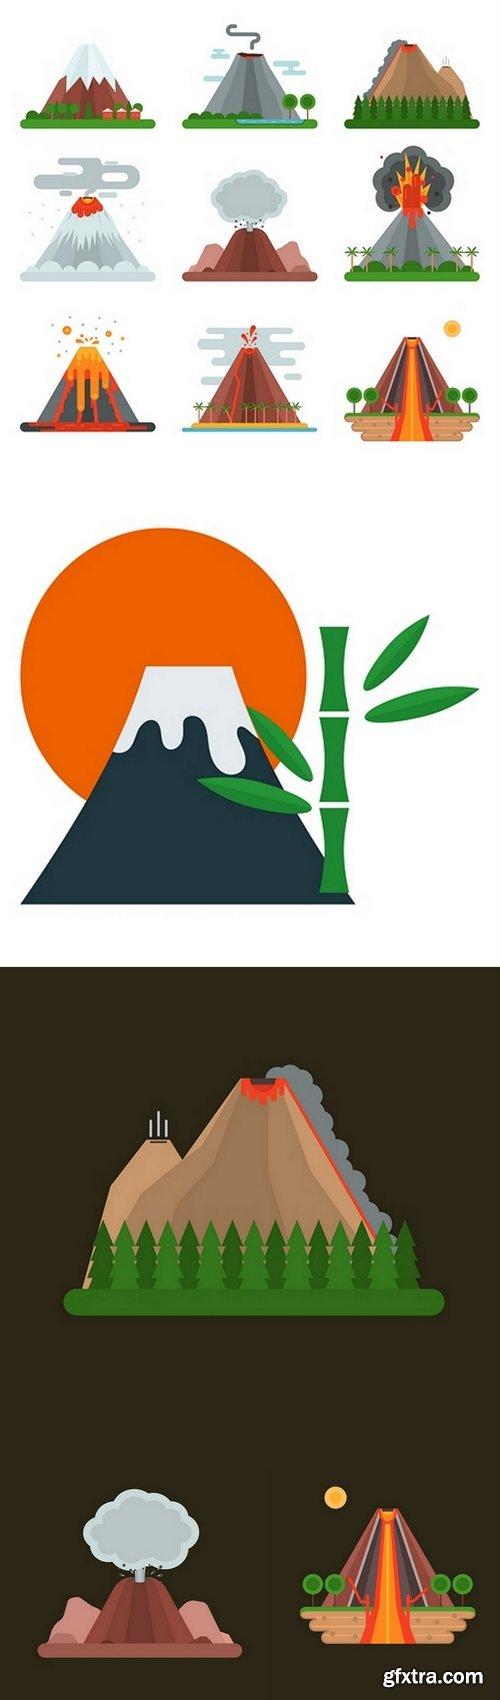 Volcano vector illustration